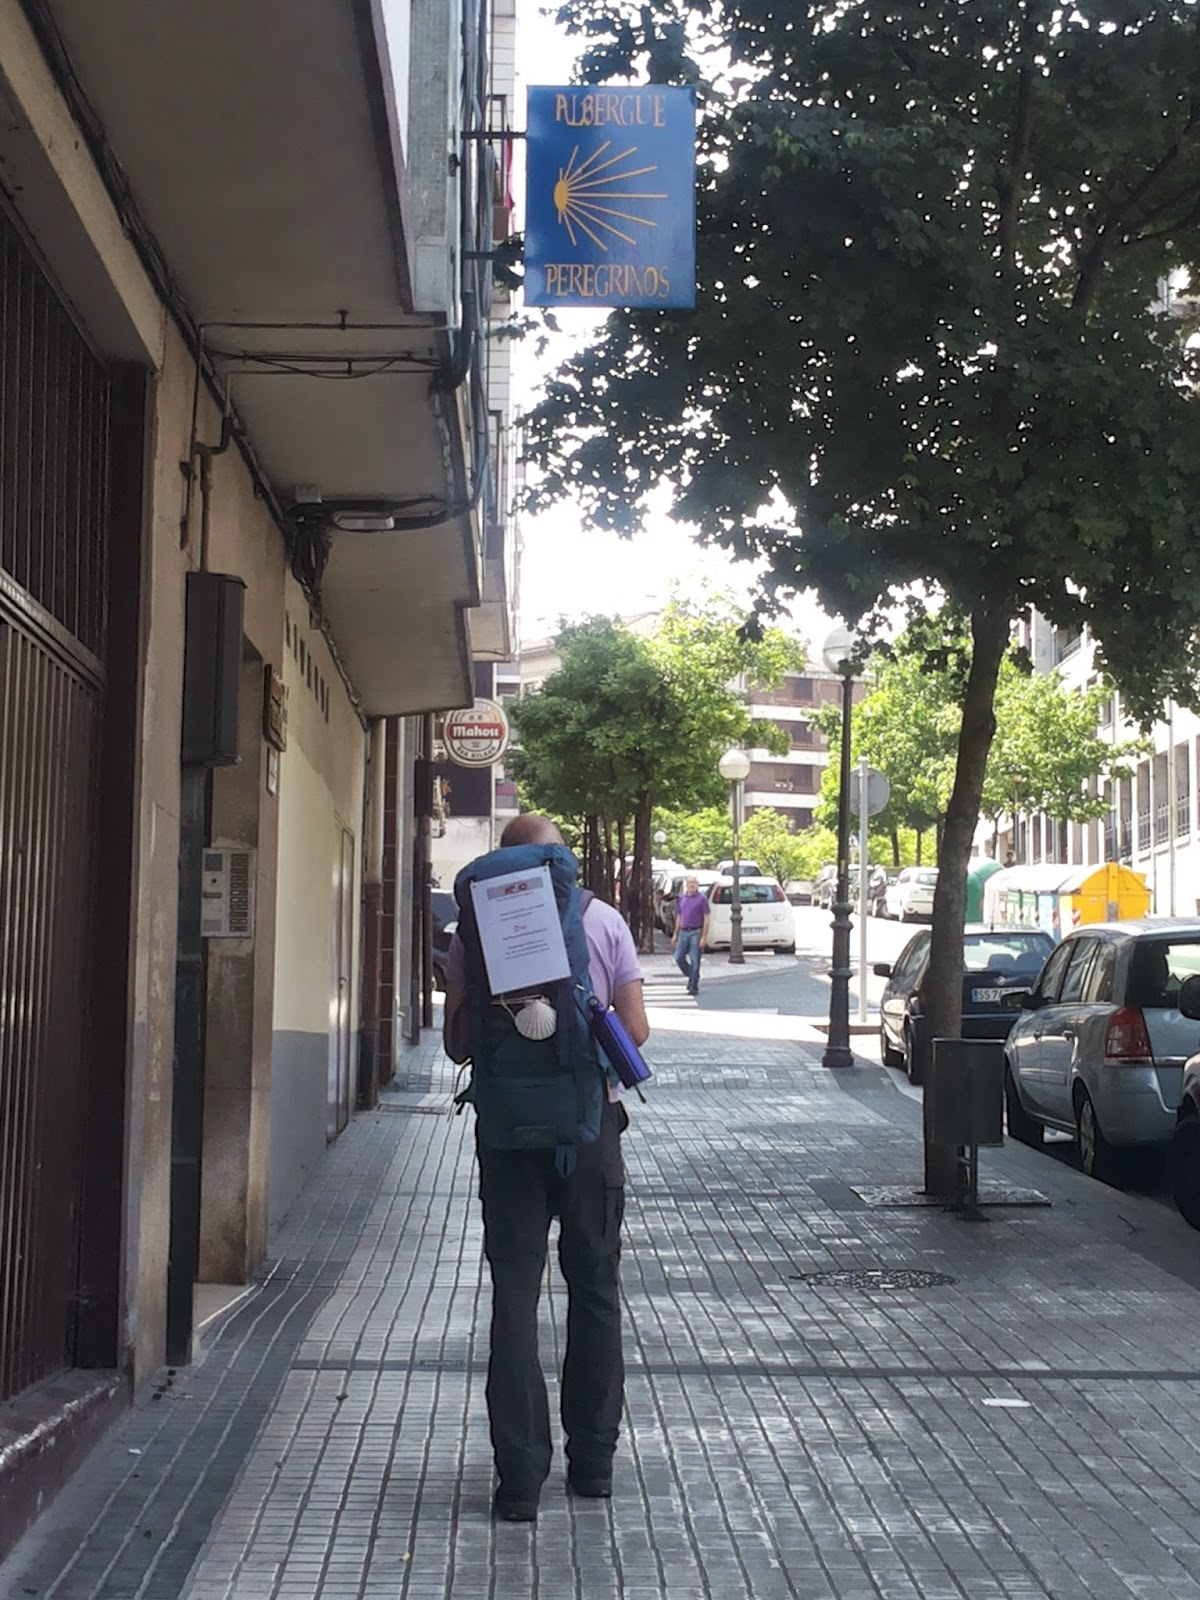 Voettocht van irún naar santiago de compostela in spanje